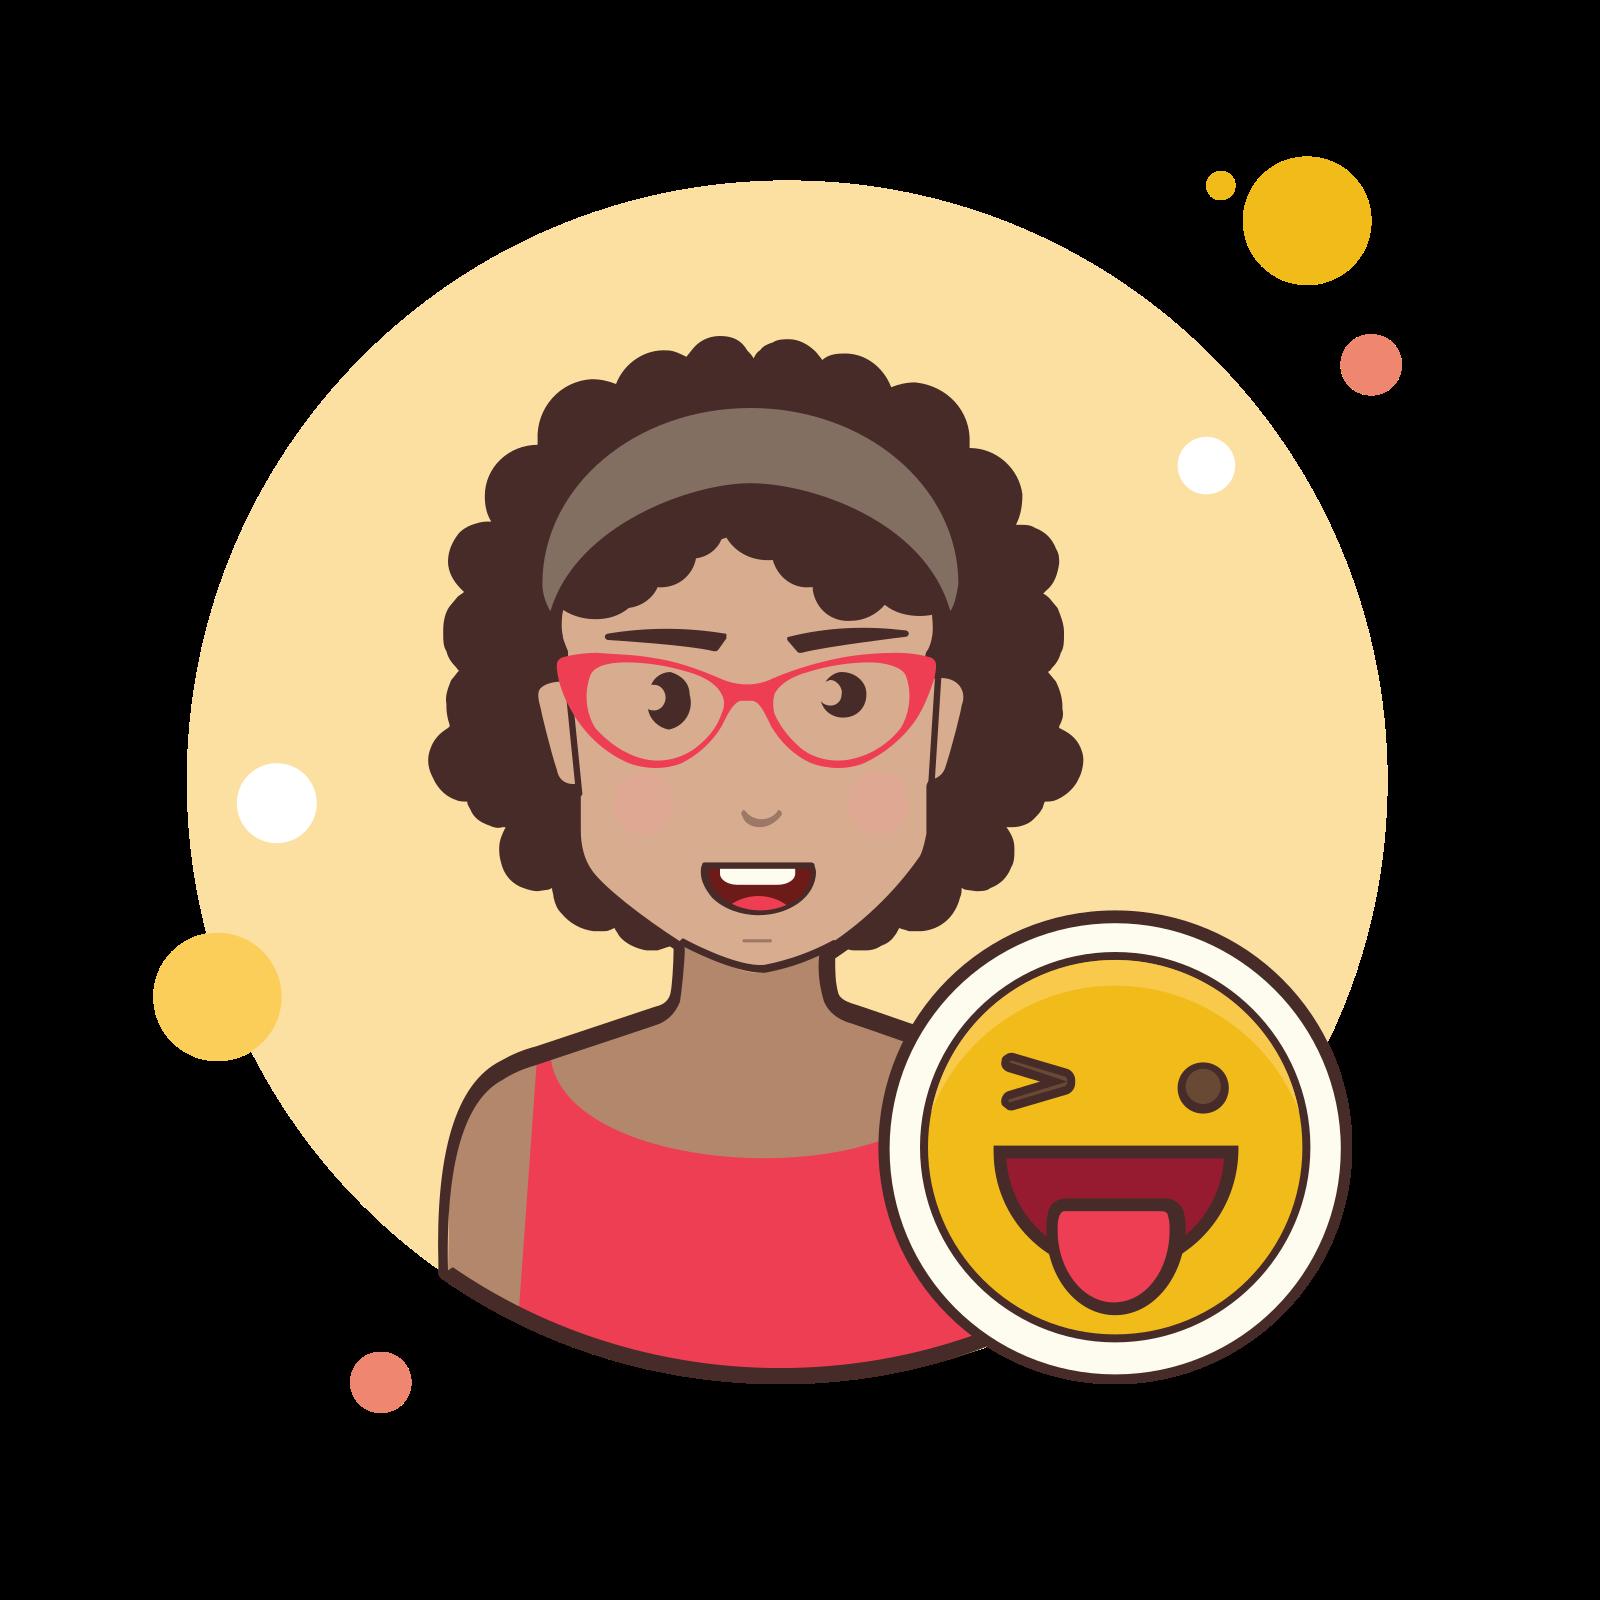 Happy woman icon